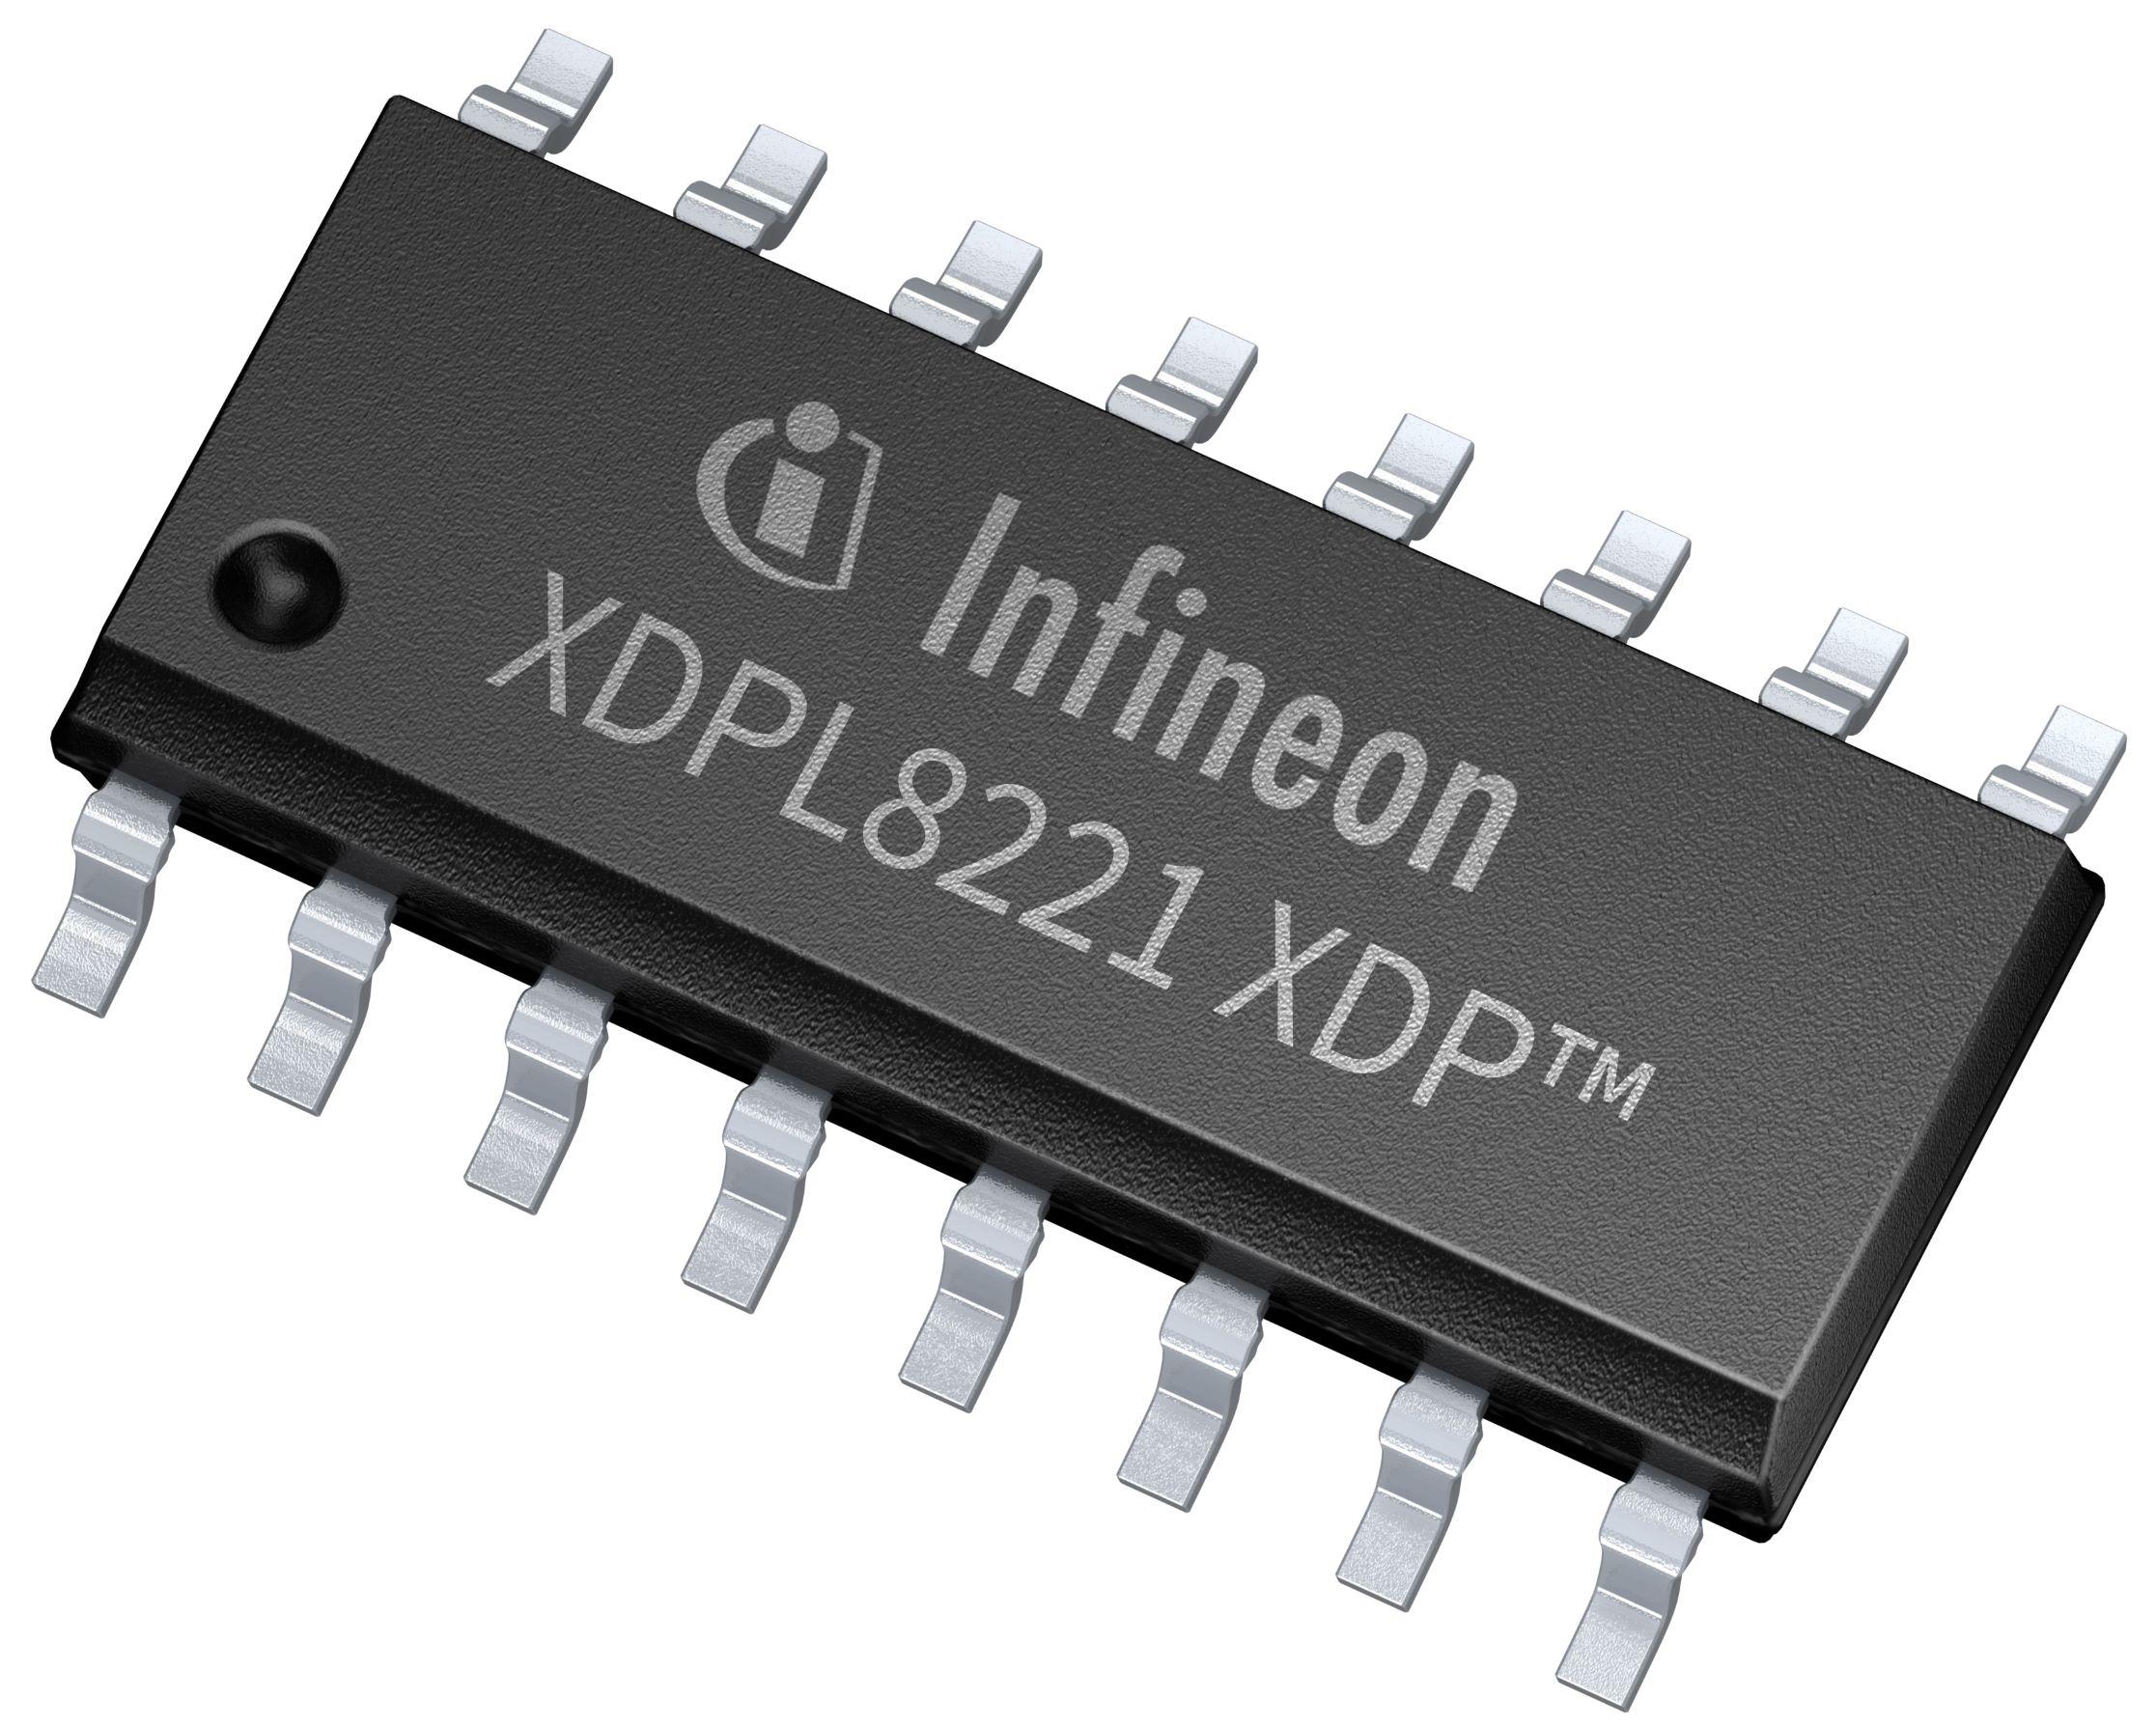 XDPL8221:带通讯功能的LED驱动芯片,智能照明的理想选择